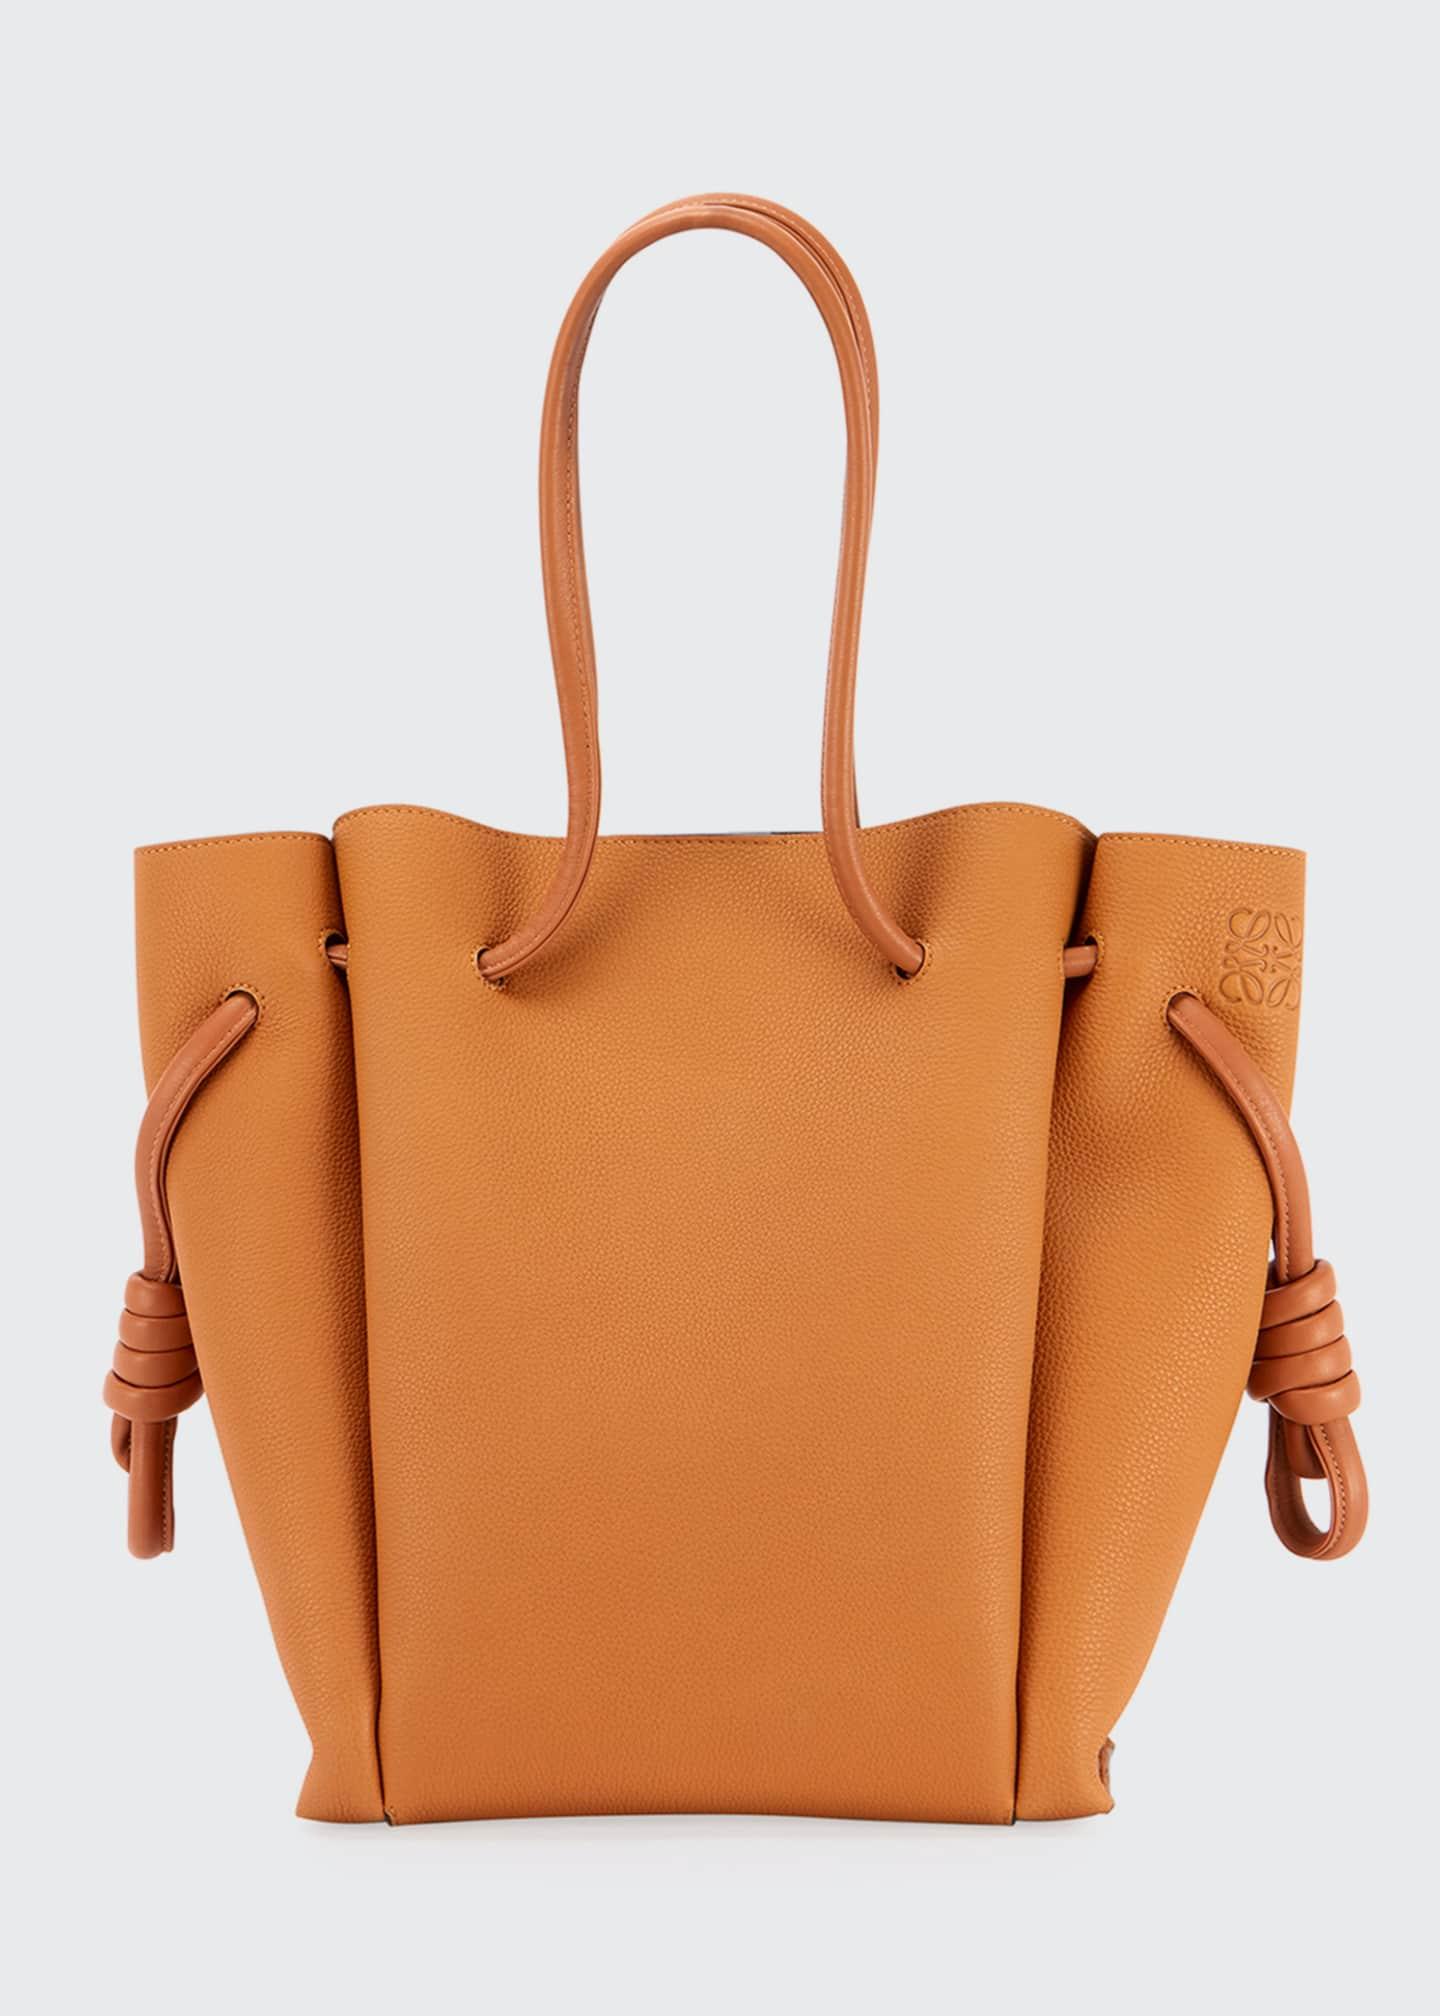 Loewe Flamenco Knot Pebbled Tote Bag